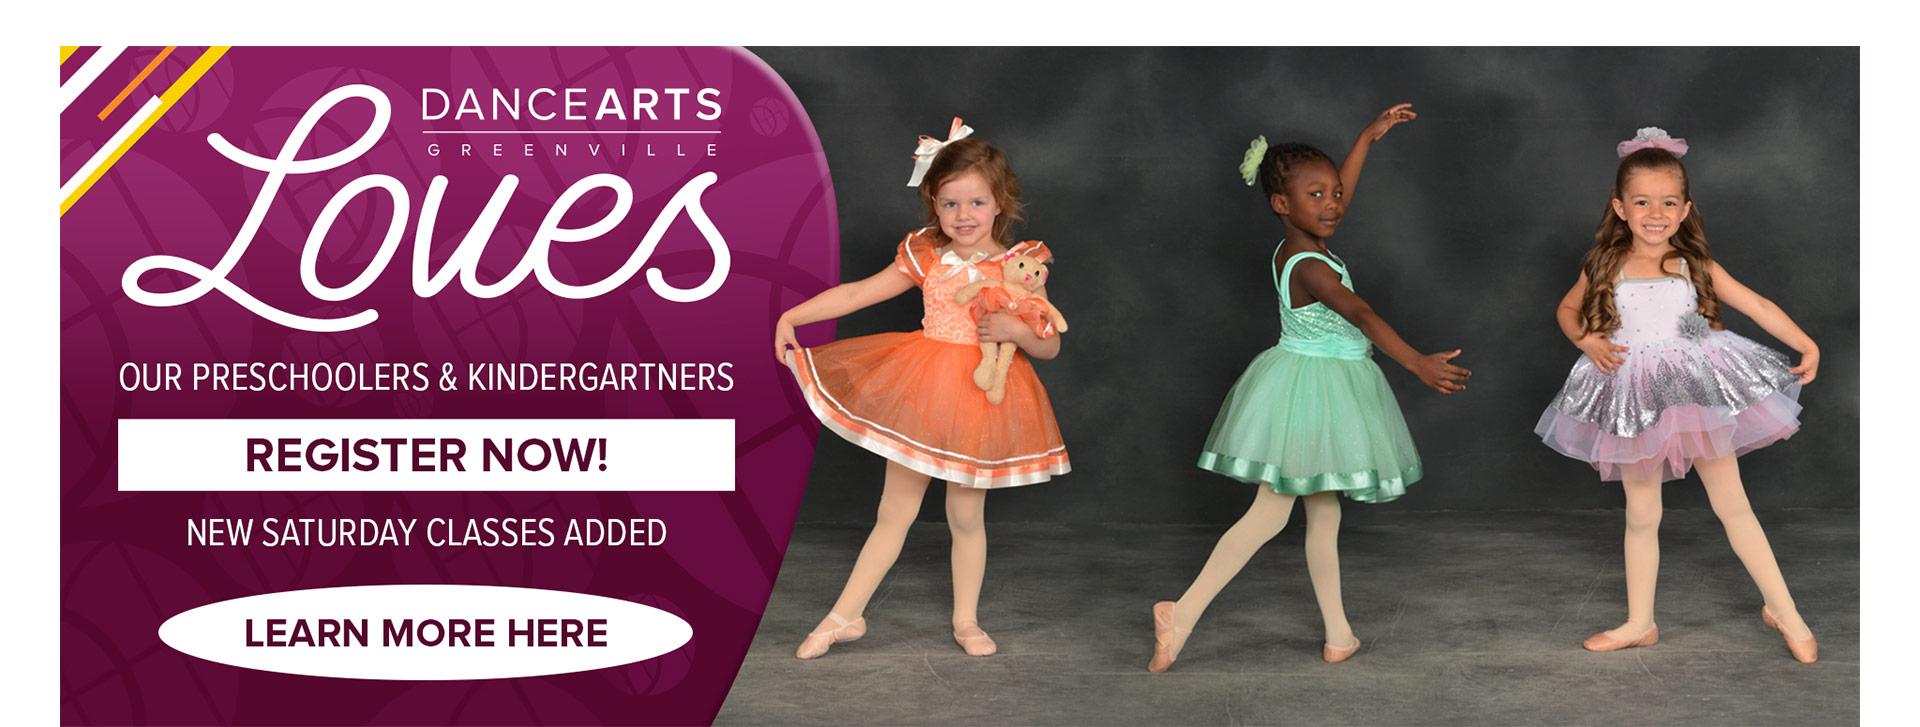 DanceArts-Preschool-Kindergarden-Slider22-1